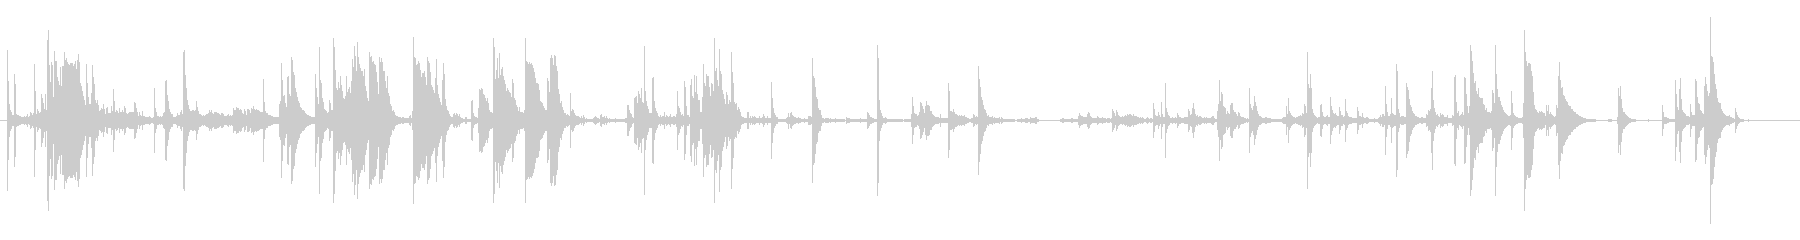 鎖・チェーンの効果音 02の未再生の波形